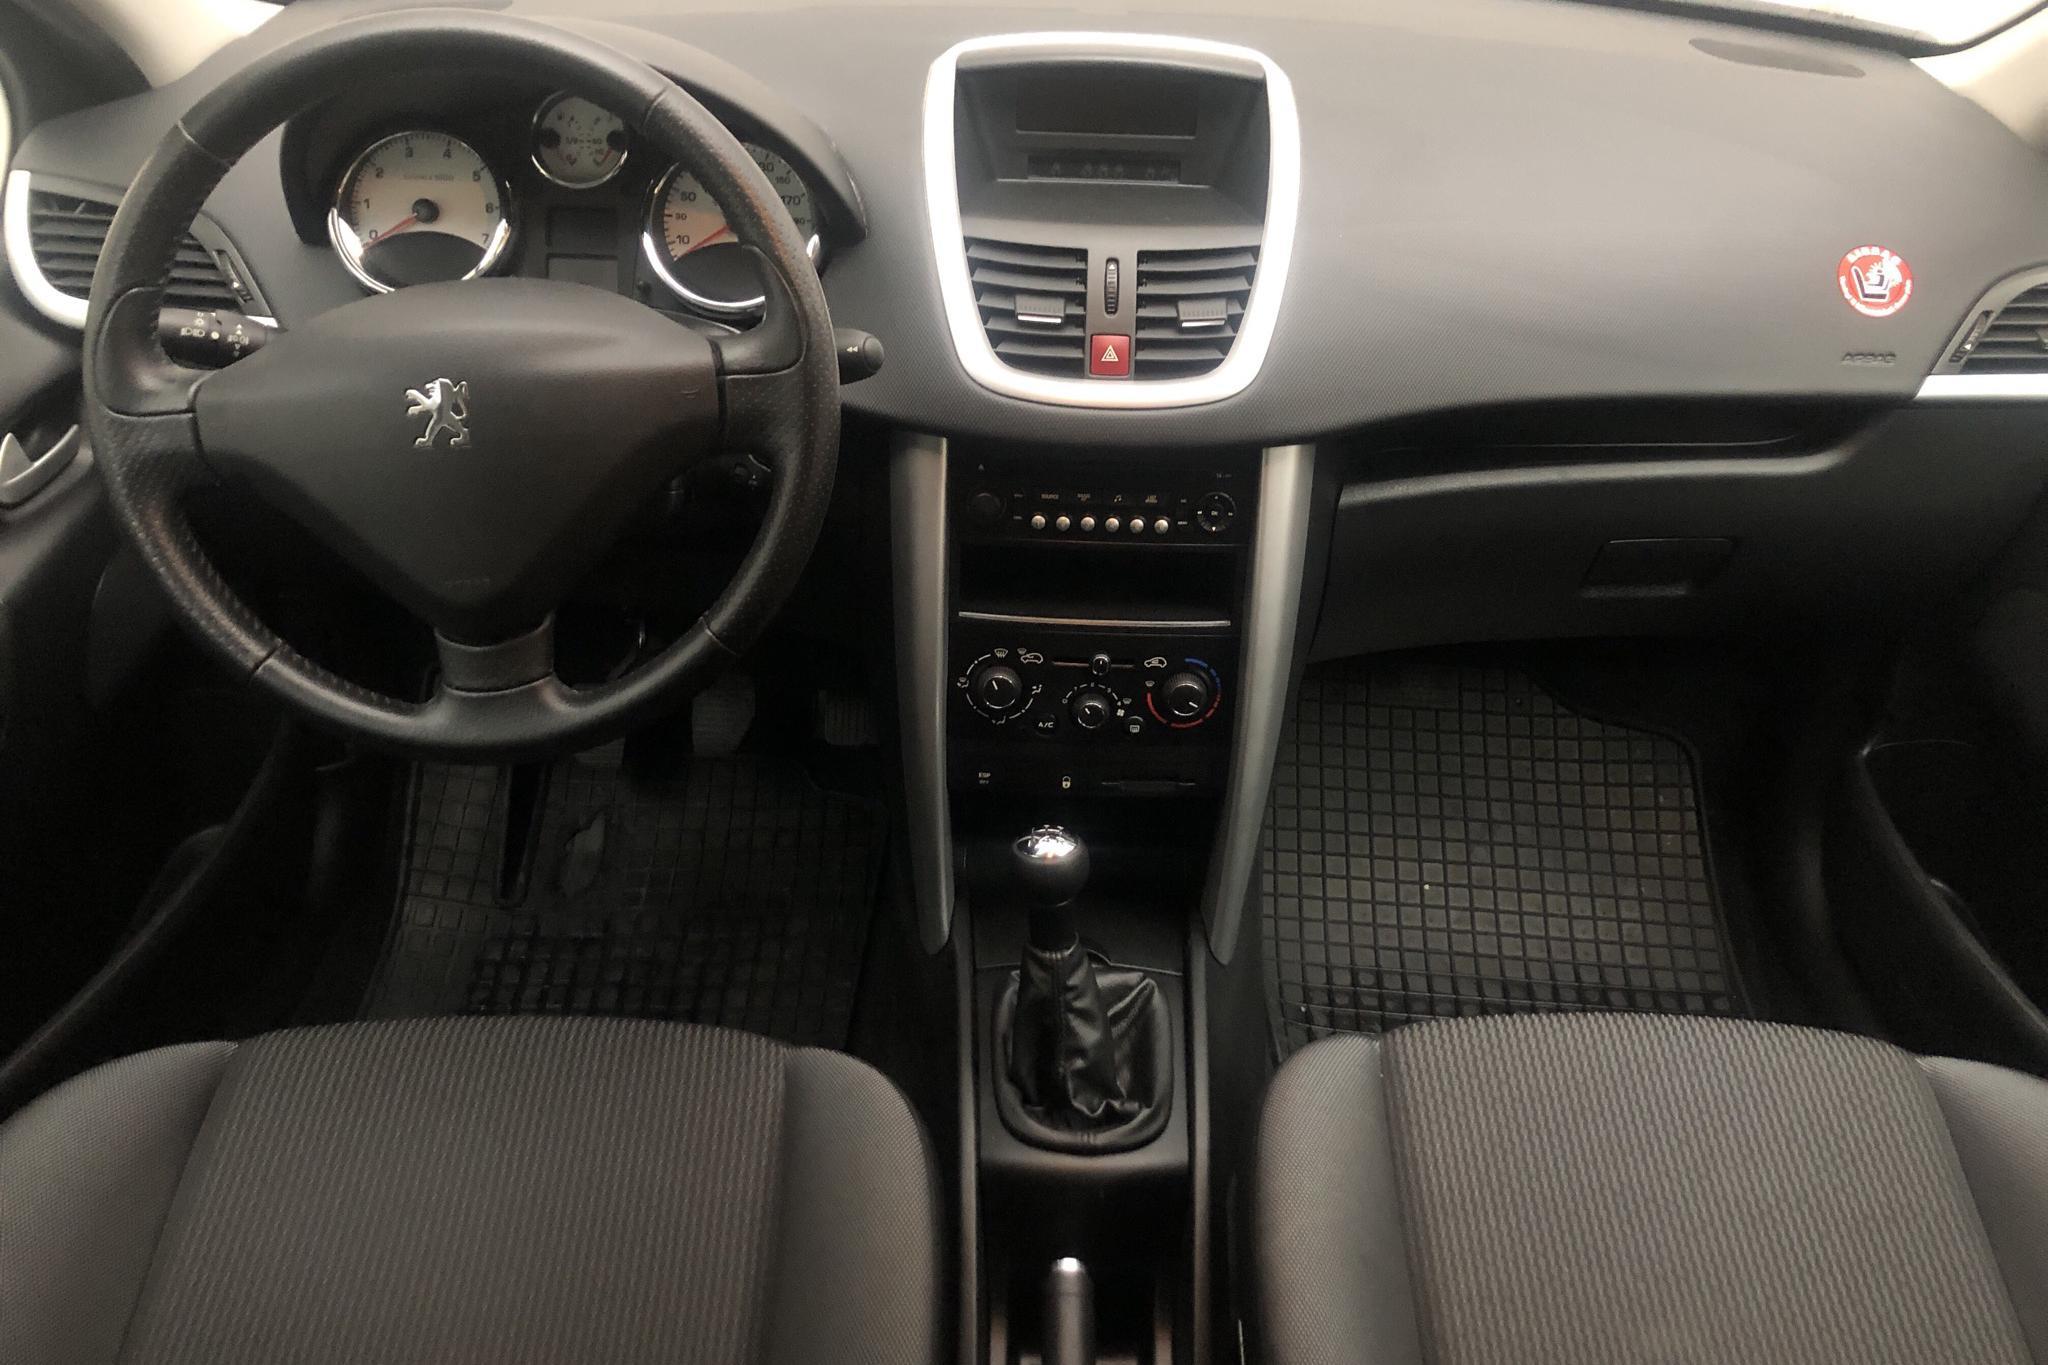 Peugeot 207 1.4 VTi 5dr (95hk) - 56 260 km - Manual - Light Blue - 2011